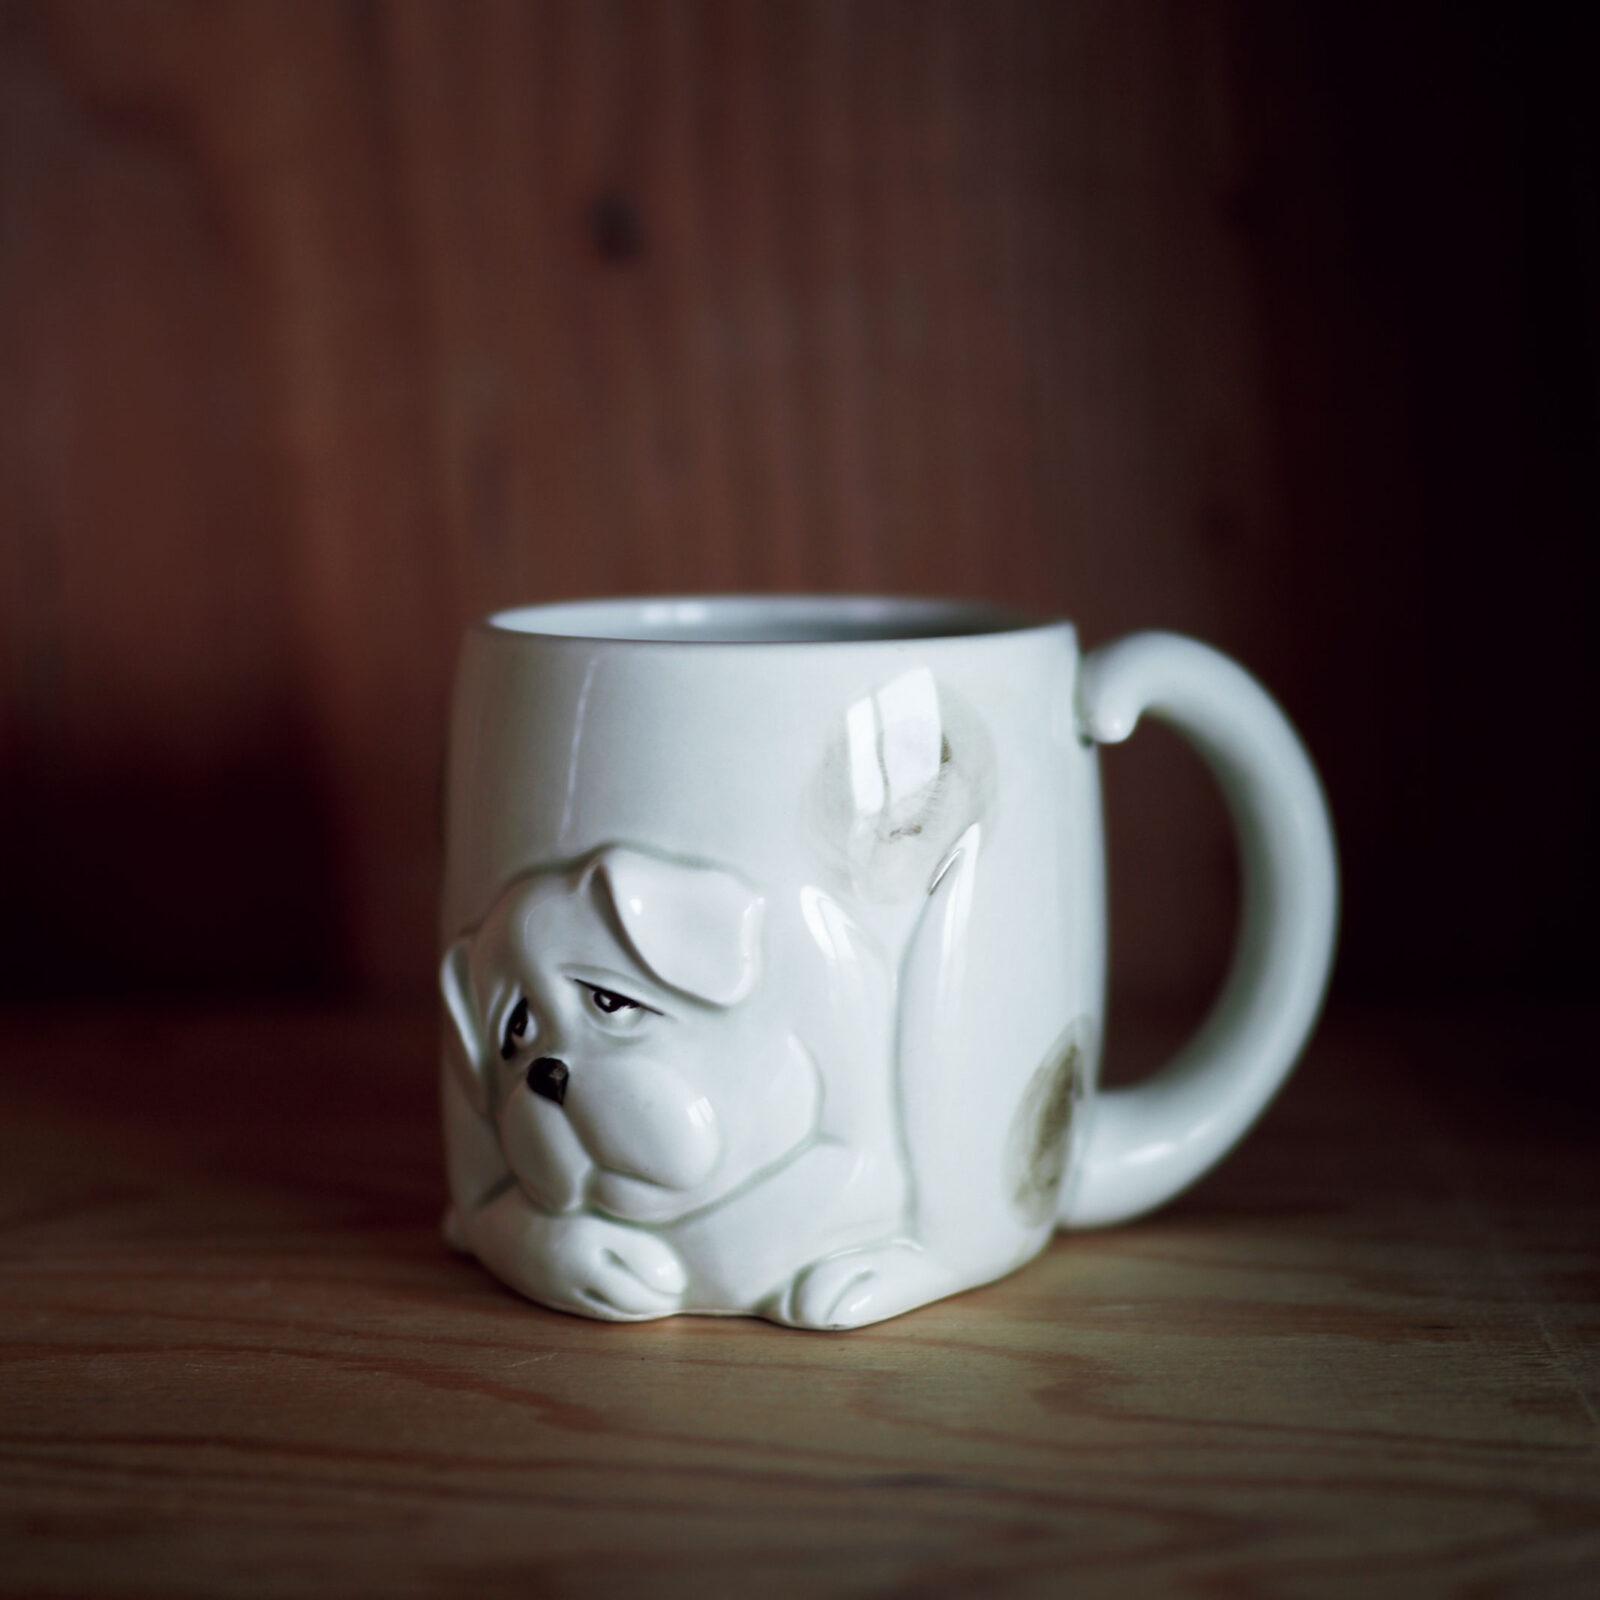 菊池亜希子(モデル、女優)〈フィッツ&フロイド〉のマグカップは、一緒に暮らした犬の面影もあってお気に入り。編集者の友達からの贈り物です。容量たっぷりなので、集中したい時はこれを使います。